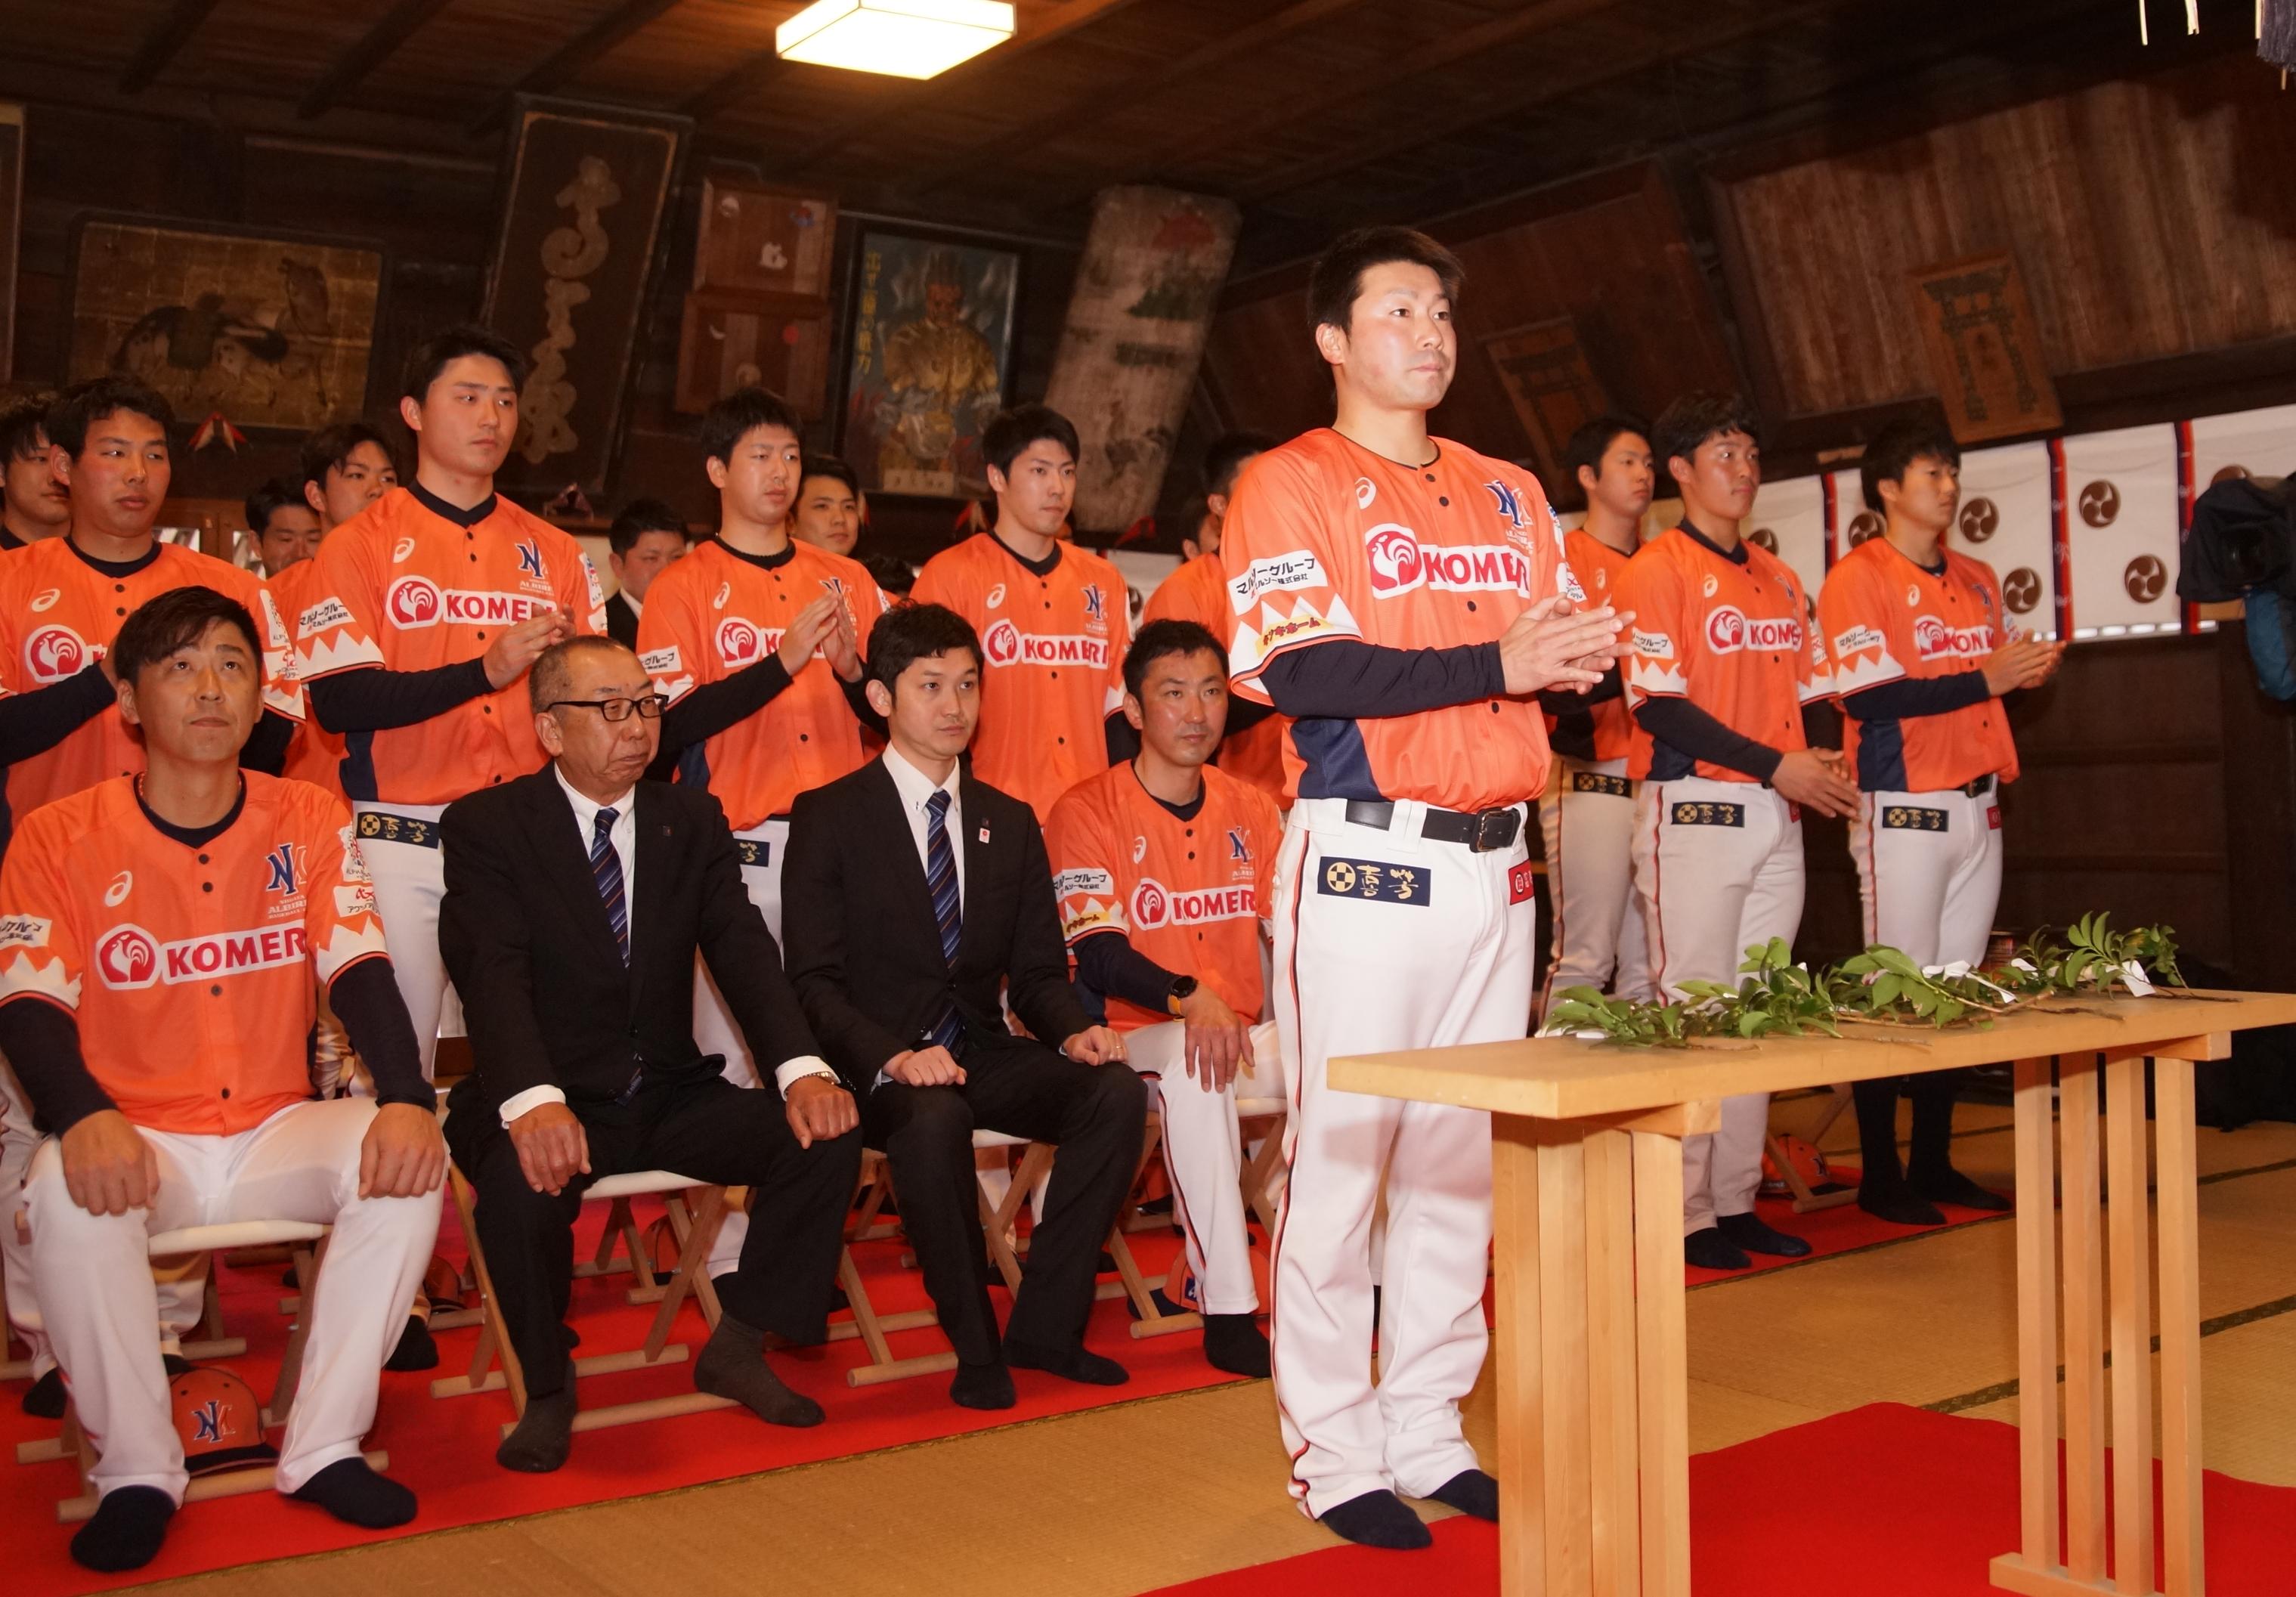 新潟野球ドットコム【BCL】楠本が2年連続で主将に 新潟アルビレックスBCが必勝祈願